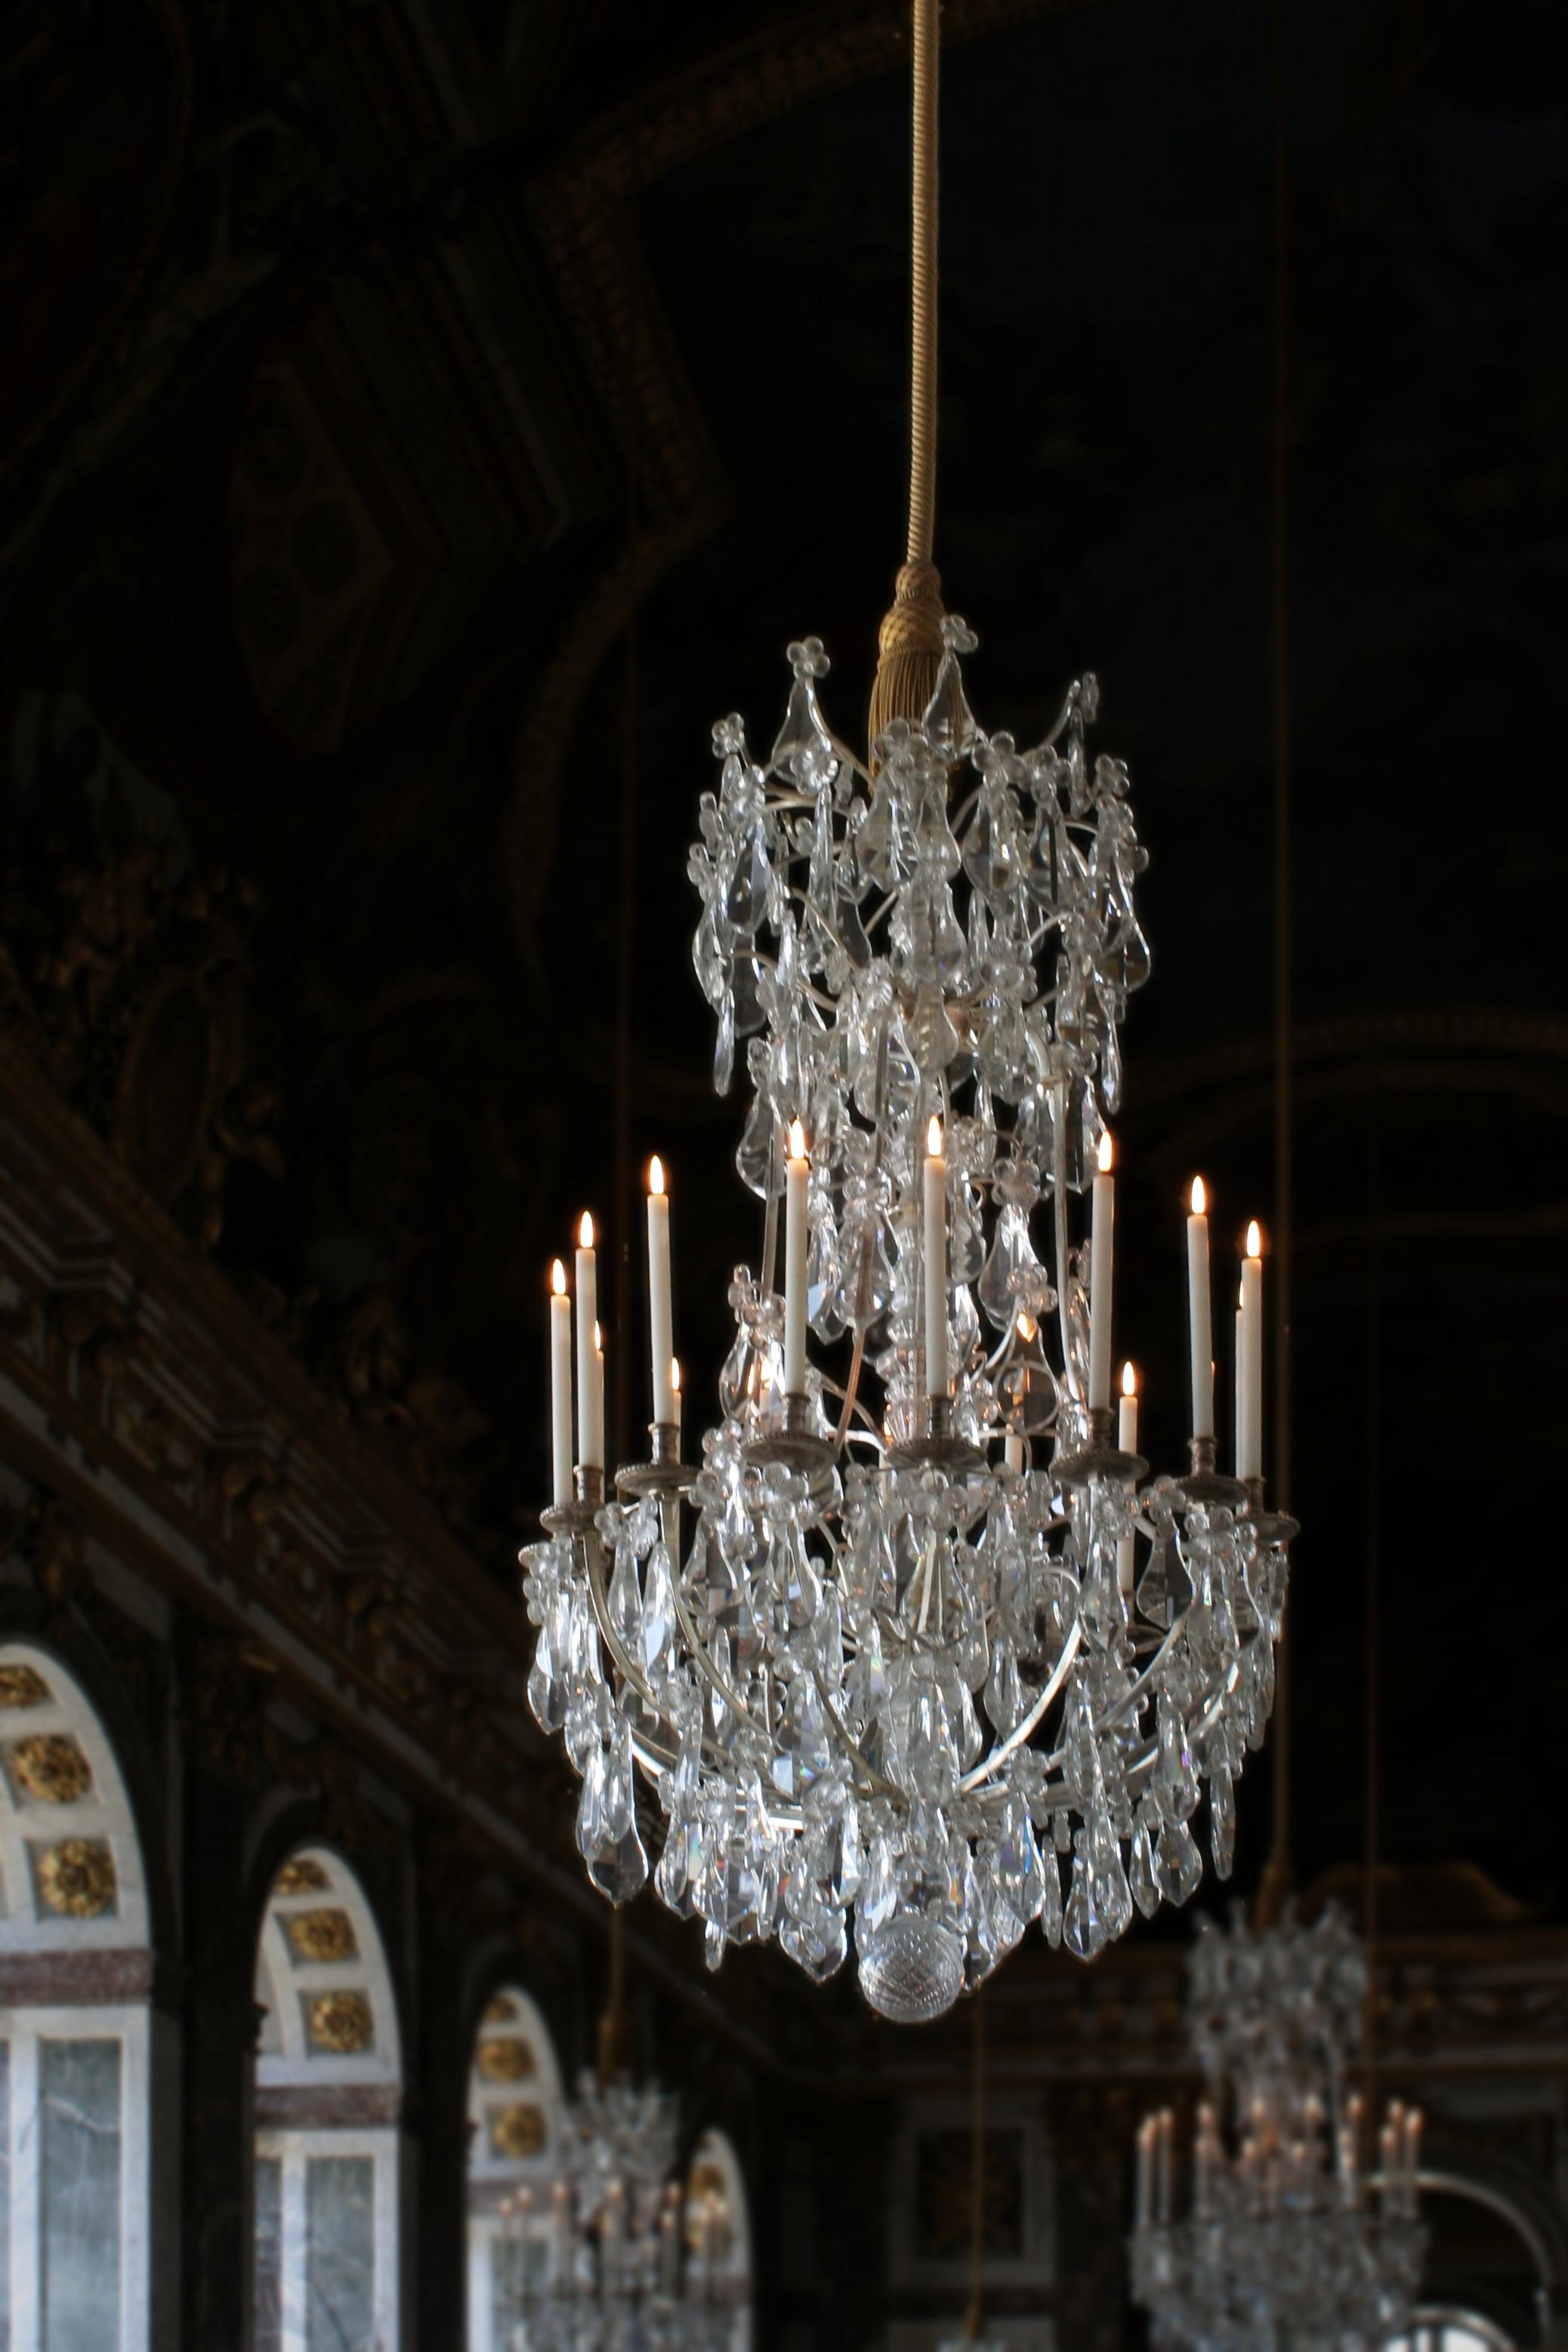 Lustre Pra Sala De Estar ~ Description Château de Versailles, galerie des glaces, lustrejpg